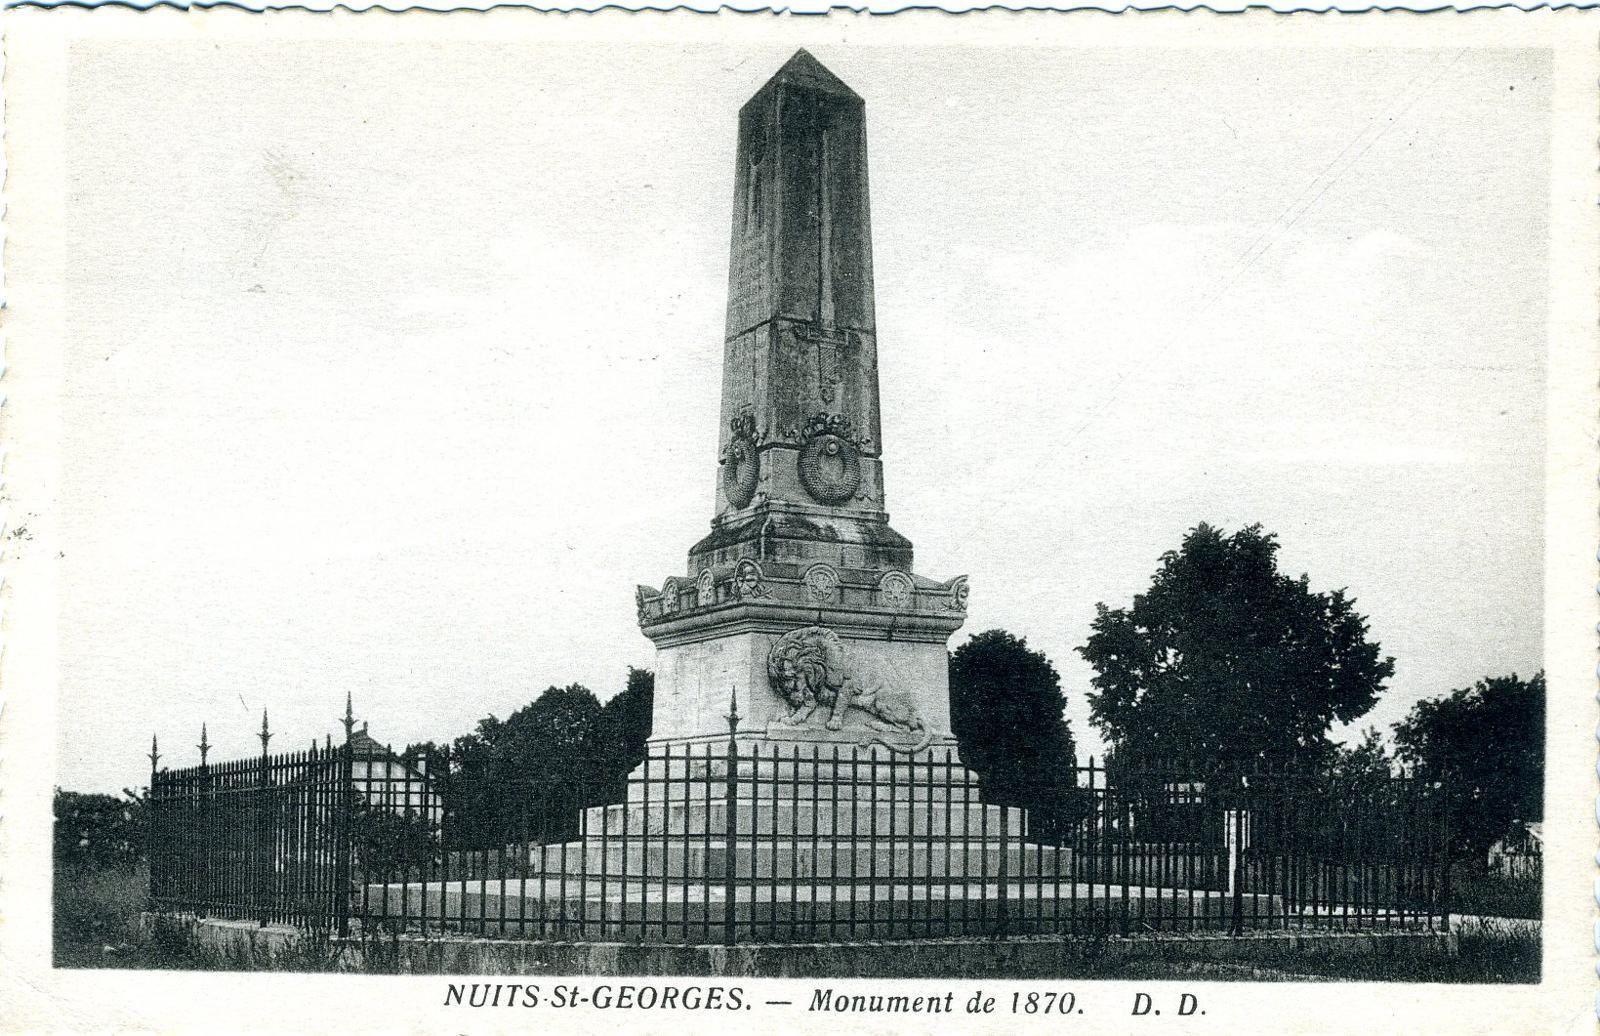 A l'occasion des cérémonies du 11 nov, l'IRCE ravive la mémoire des morts de la guerre de 1870-71